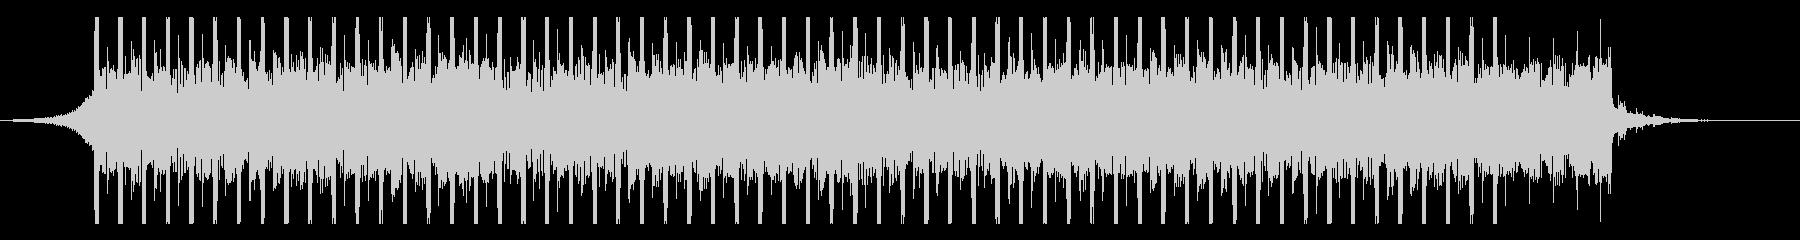 モダンコーポレート(ショート)の未再生の波形